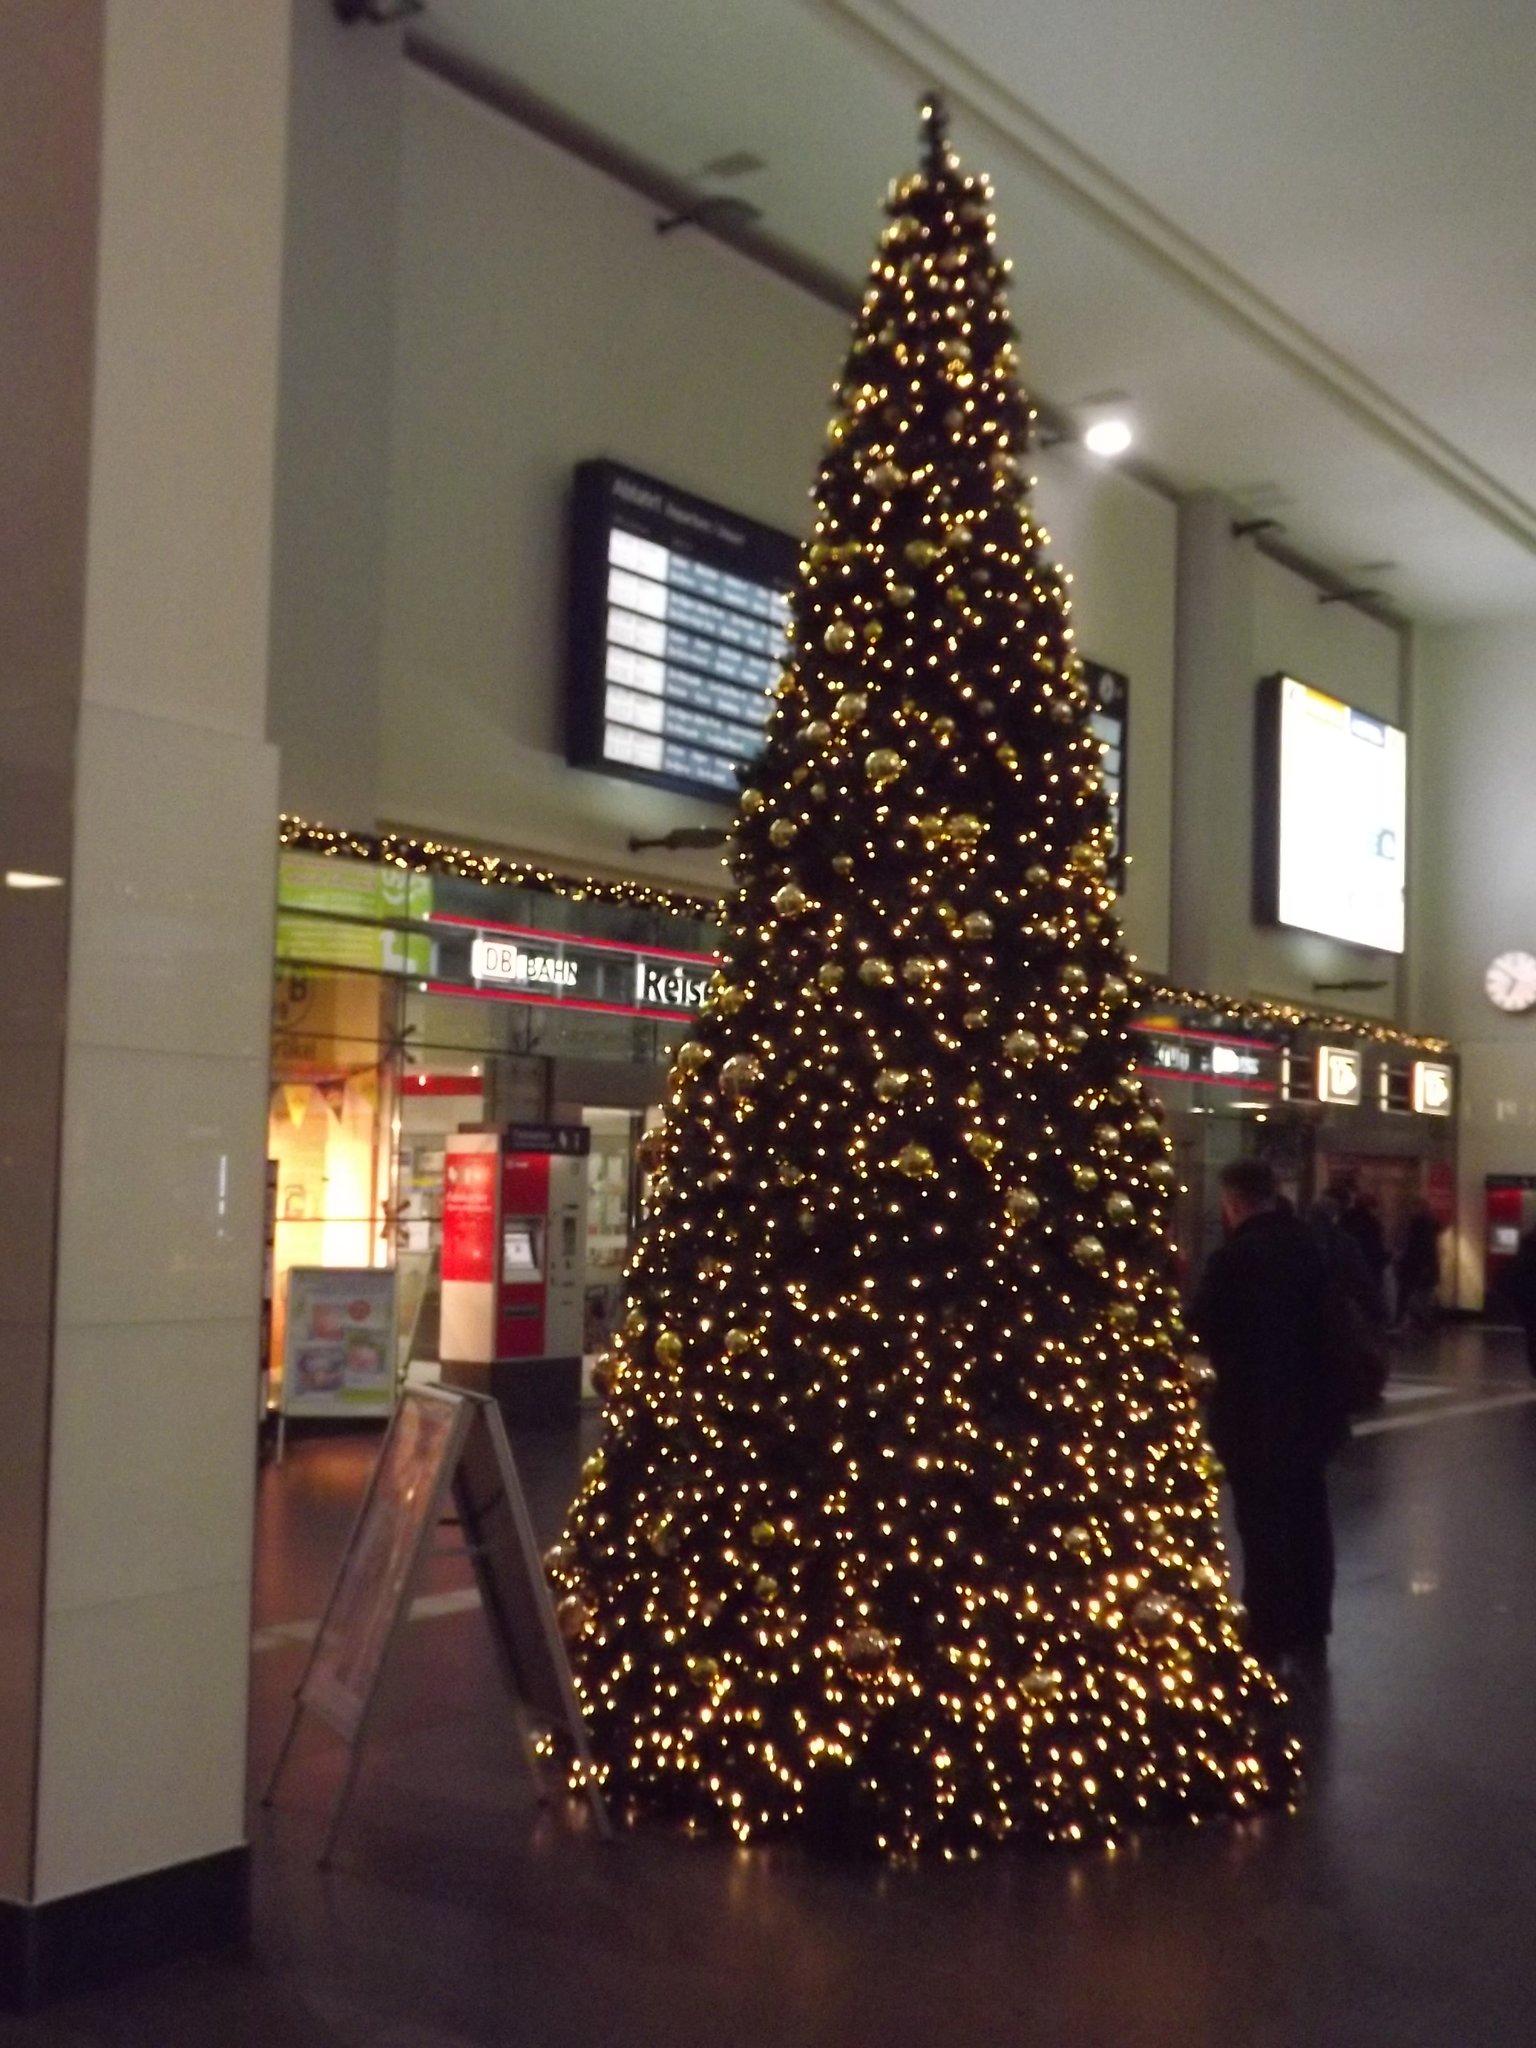 Weihnachtsbaum Schwerte.Der Weihnachtsbaum 2013 Im Dortmunder Hauptbahnhof Dortmund Nord